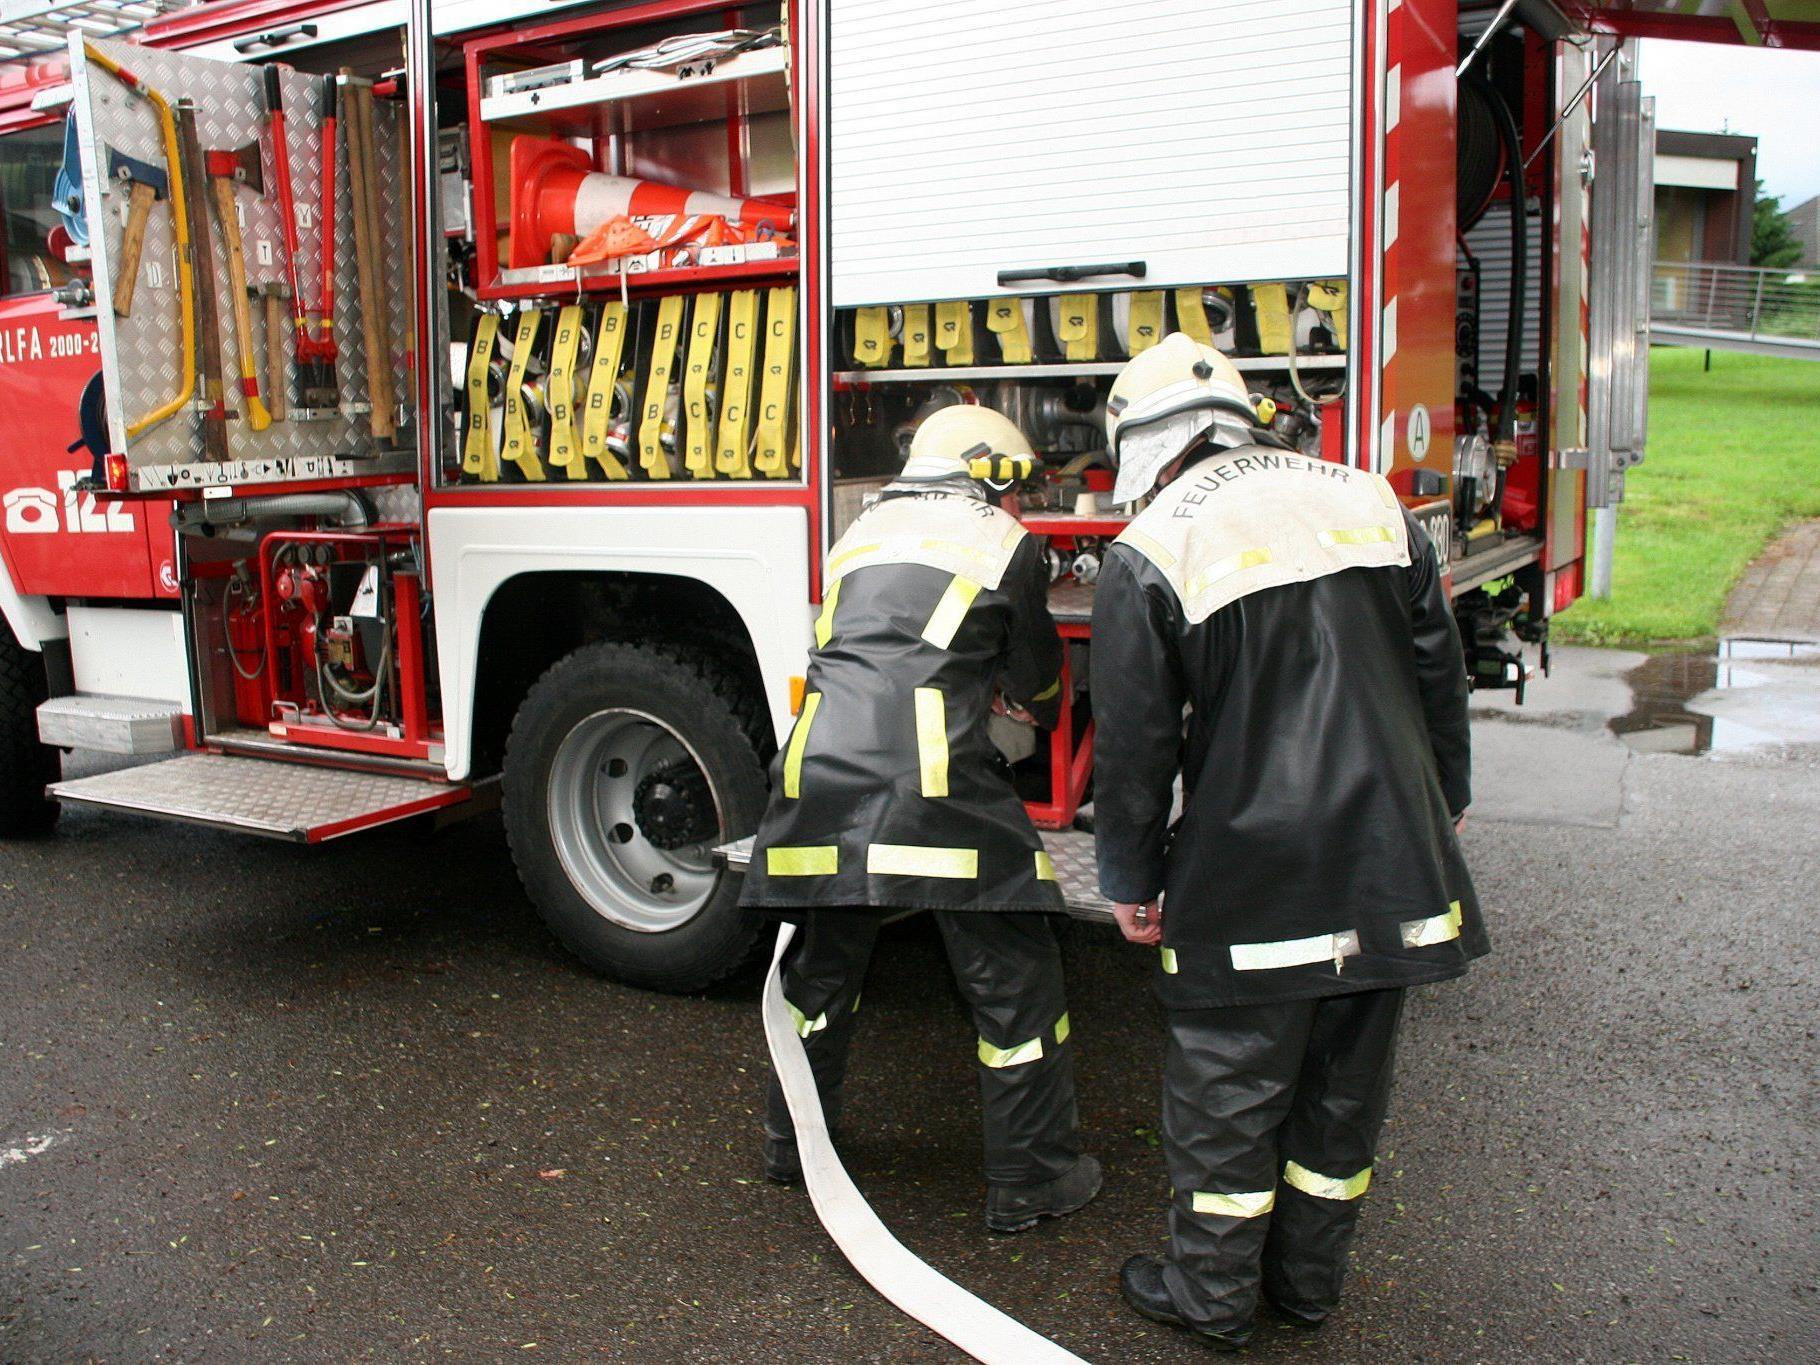 In Zeiten des Sparens sind auch bei der Feuerwehr verstärkte Kooperationen gefragt.